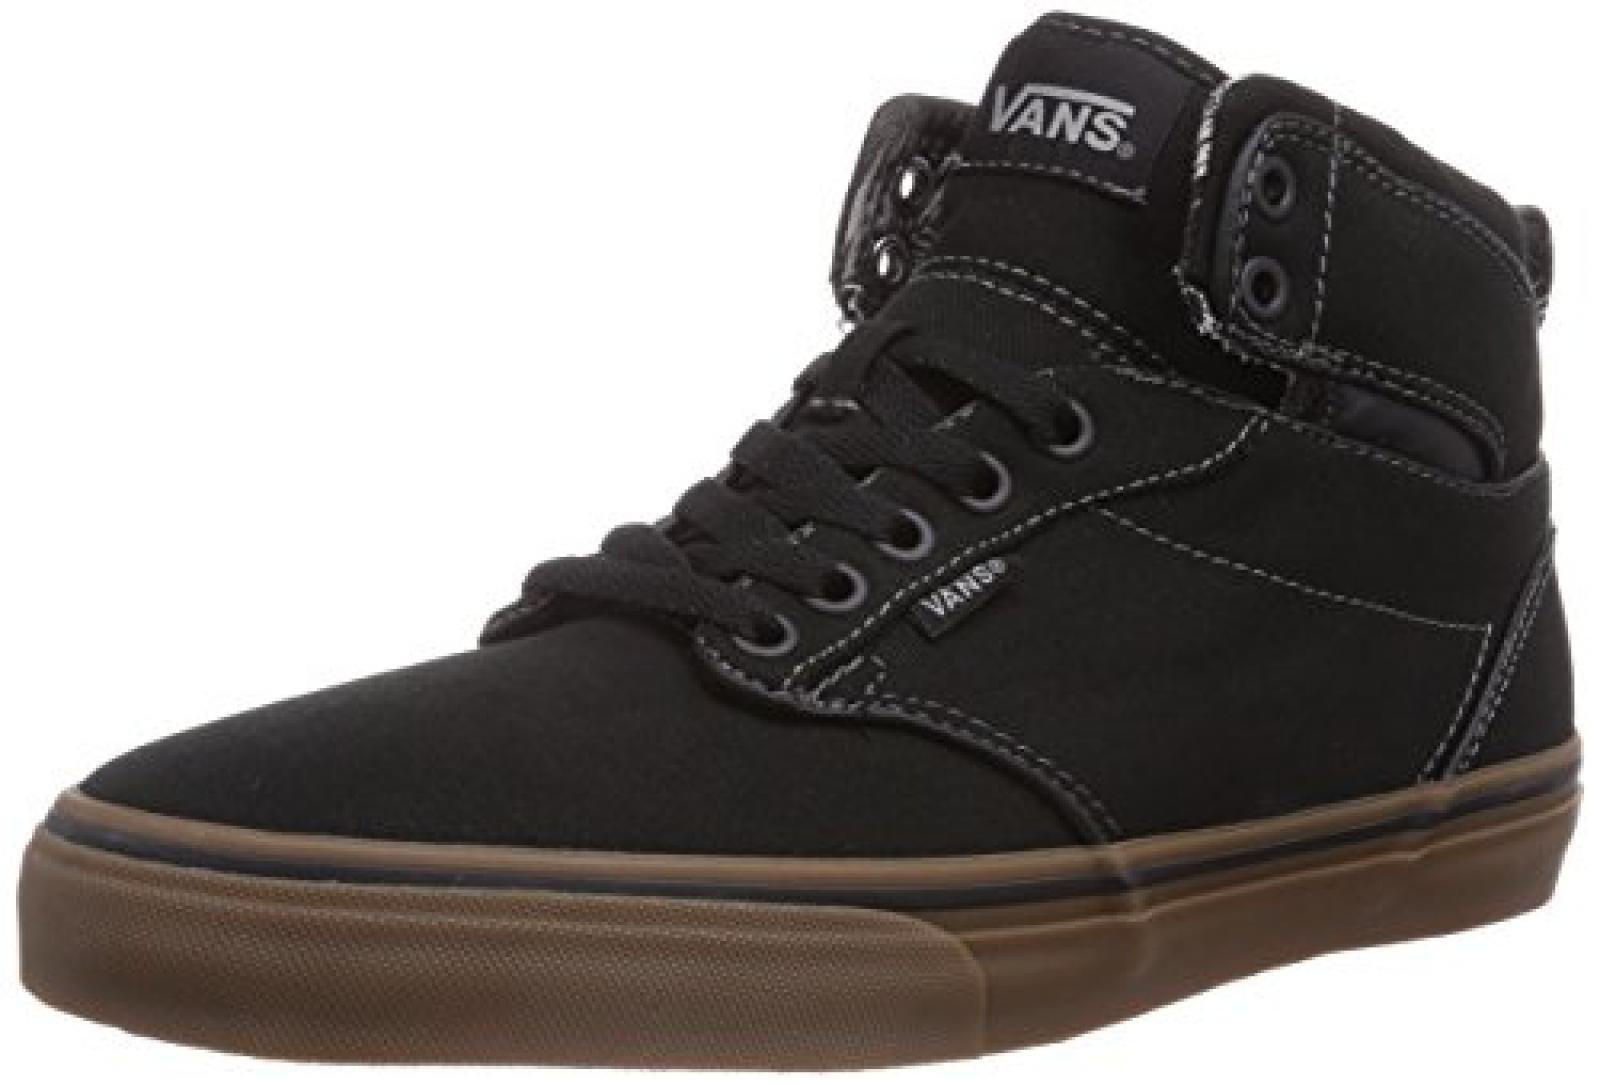 Vans ATWOOD HI Herren Hohe Sneakers